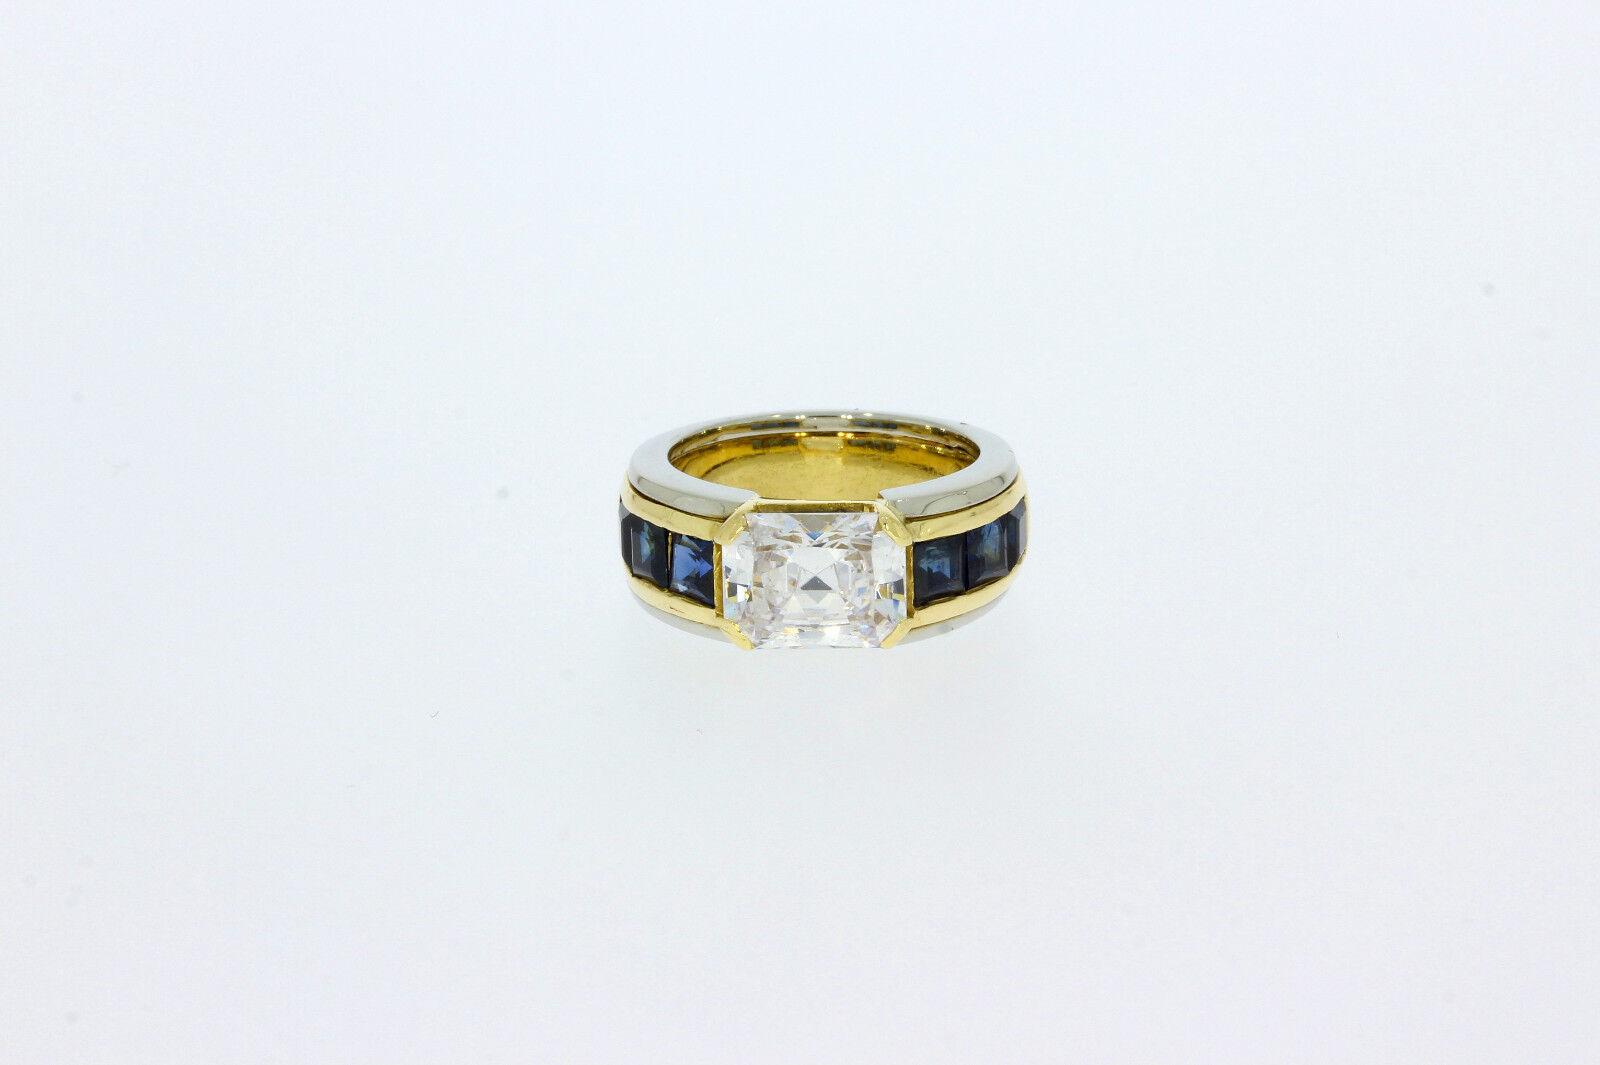 9975-750 W-yellowgoldrin mit Saphir+Zirkonia Rg 48 Breit 7,7 mm Gewicht 10 Gramm